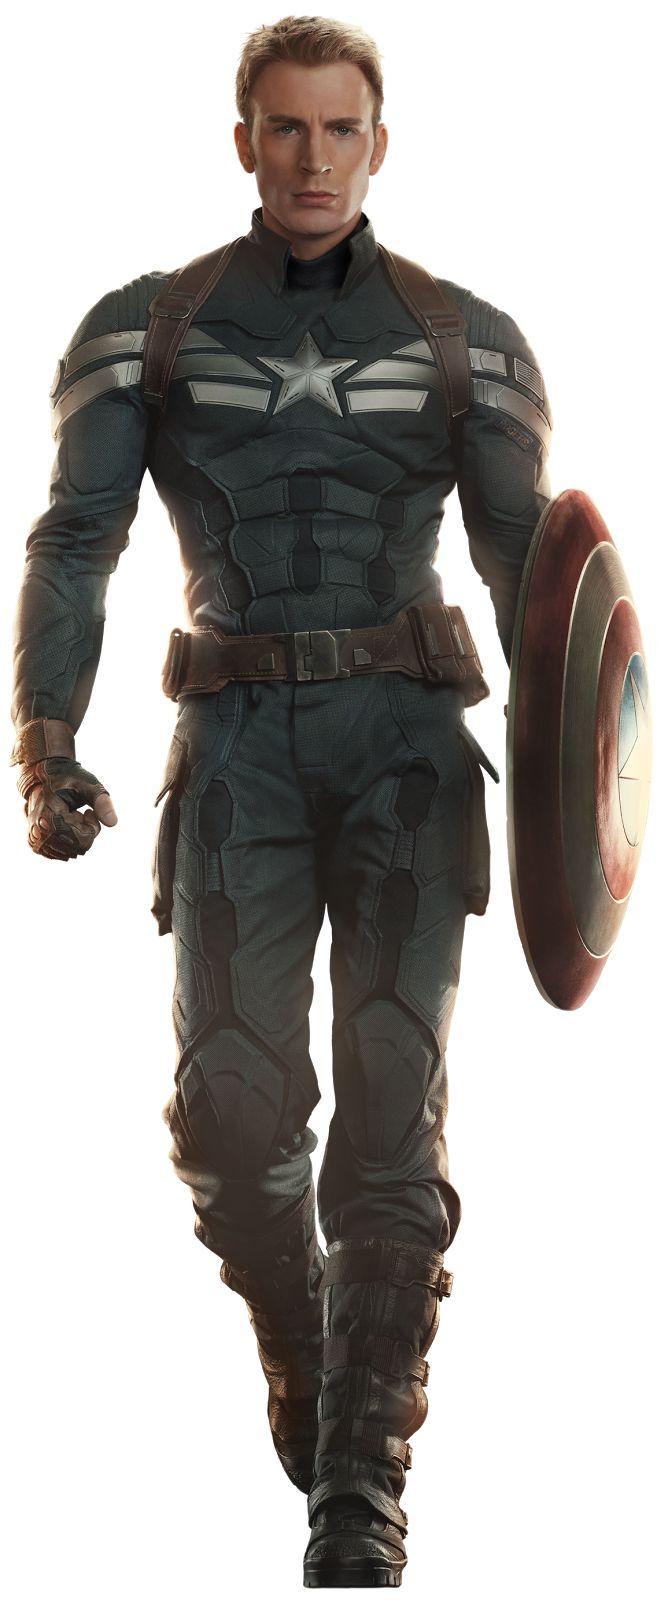 ¿Capitán América o #ChrisEvans? Cualquiera de los dos tiene su toque especial. #MeGusta